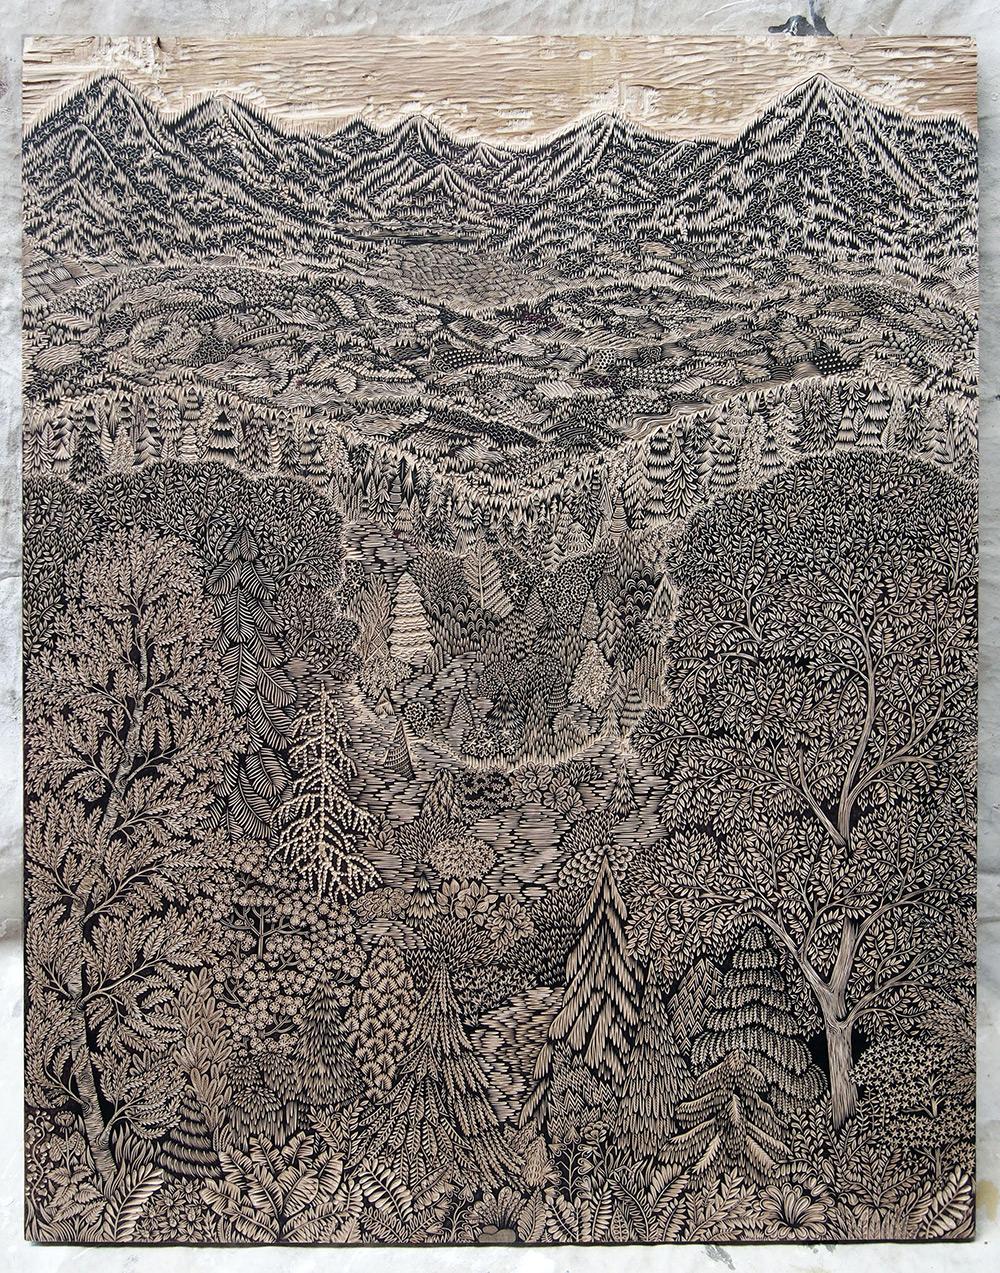 Mirador: Grabado en madera de Paul Rodin y Valerie Lue